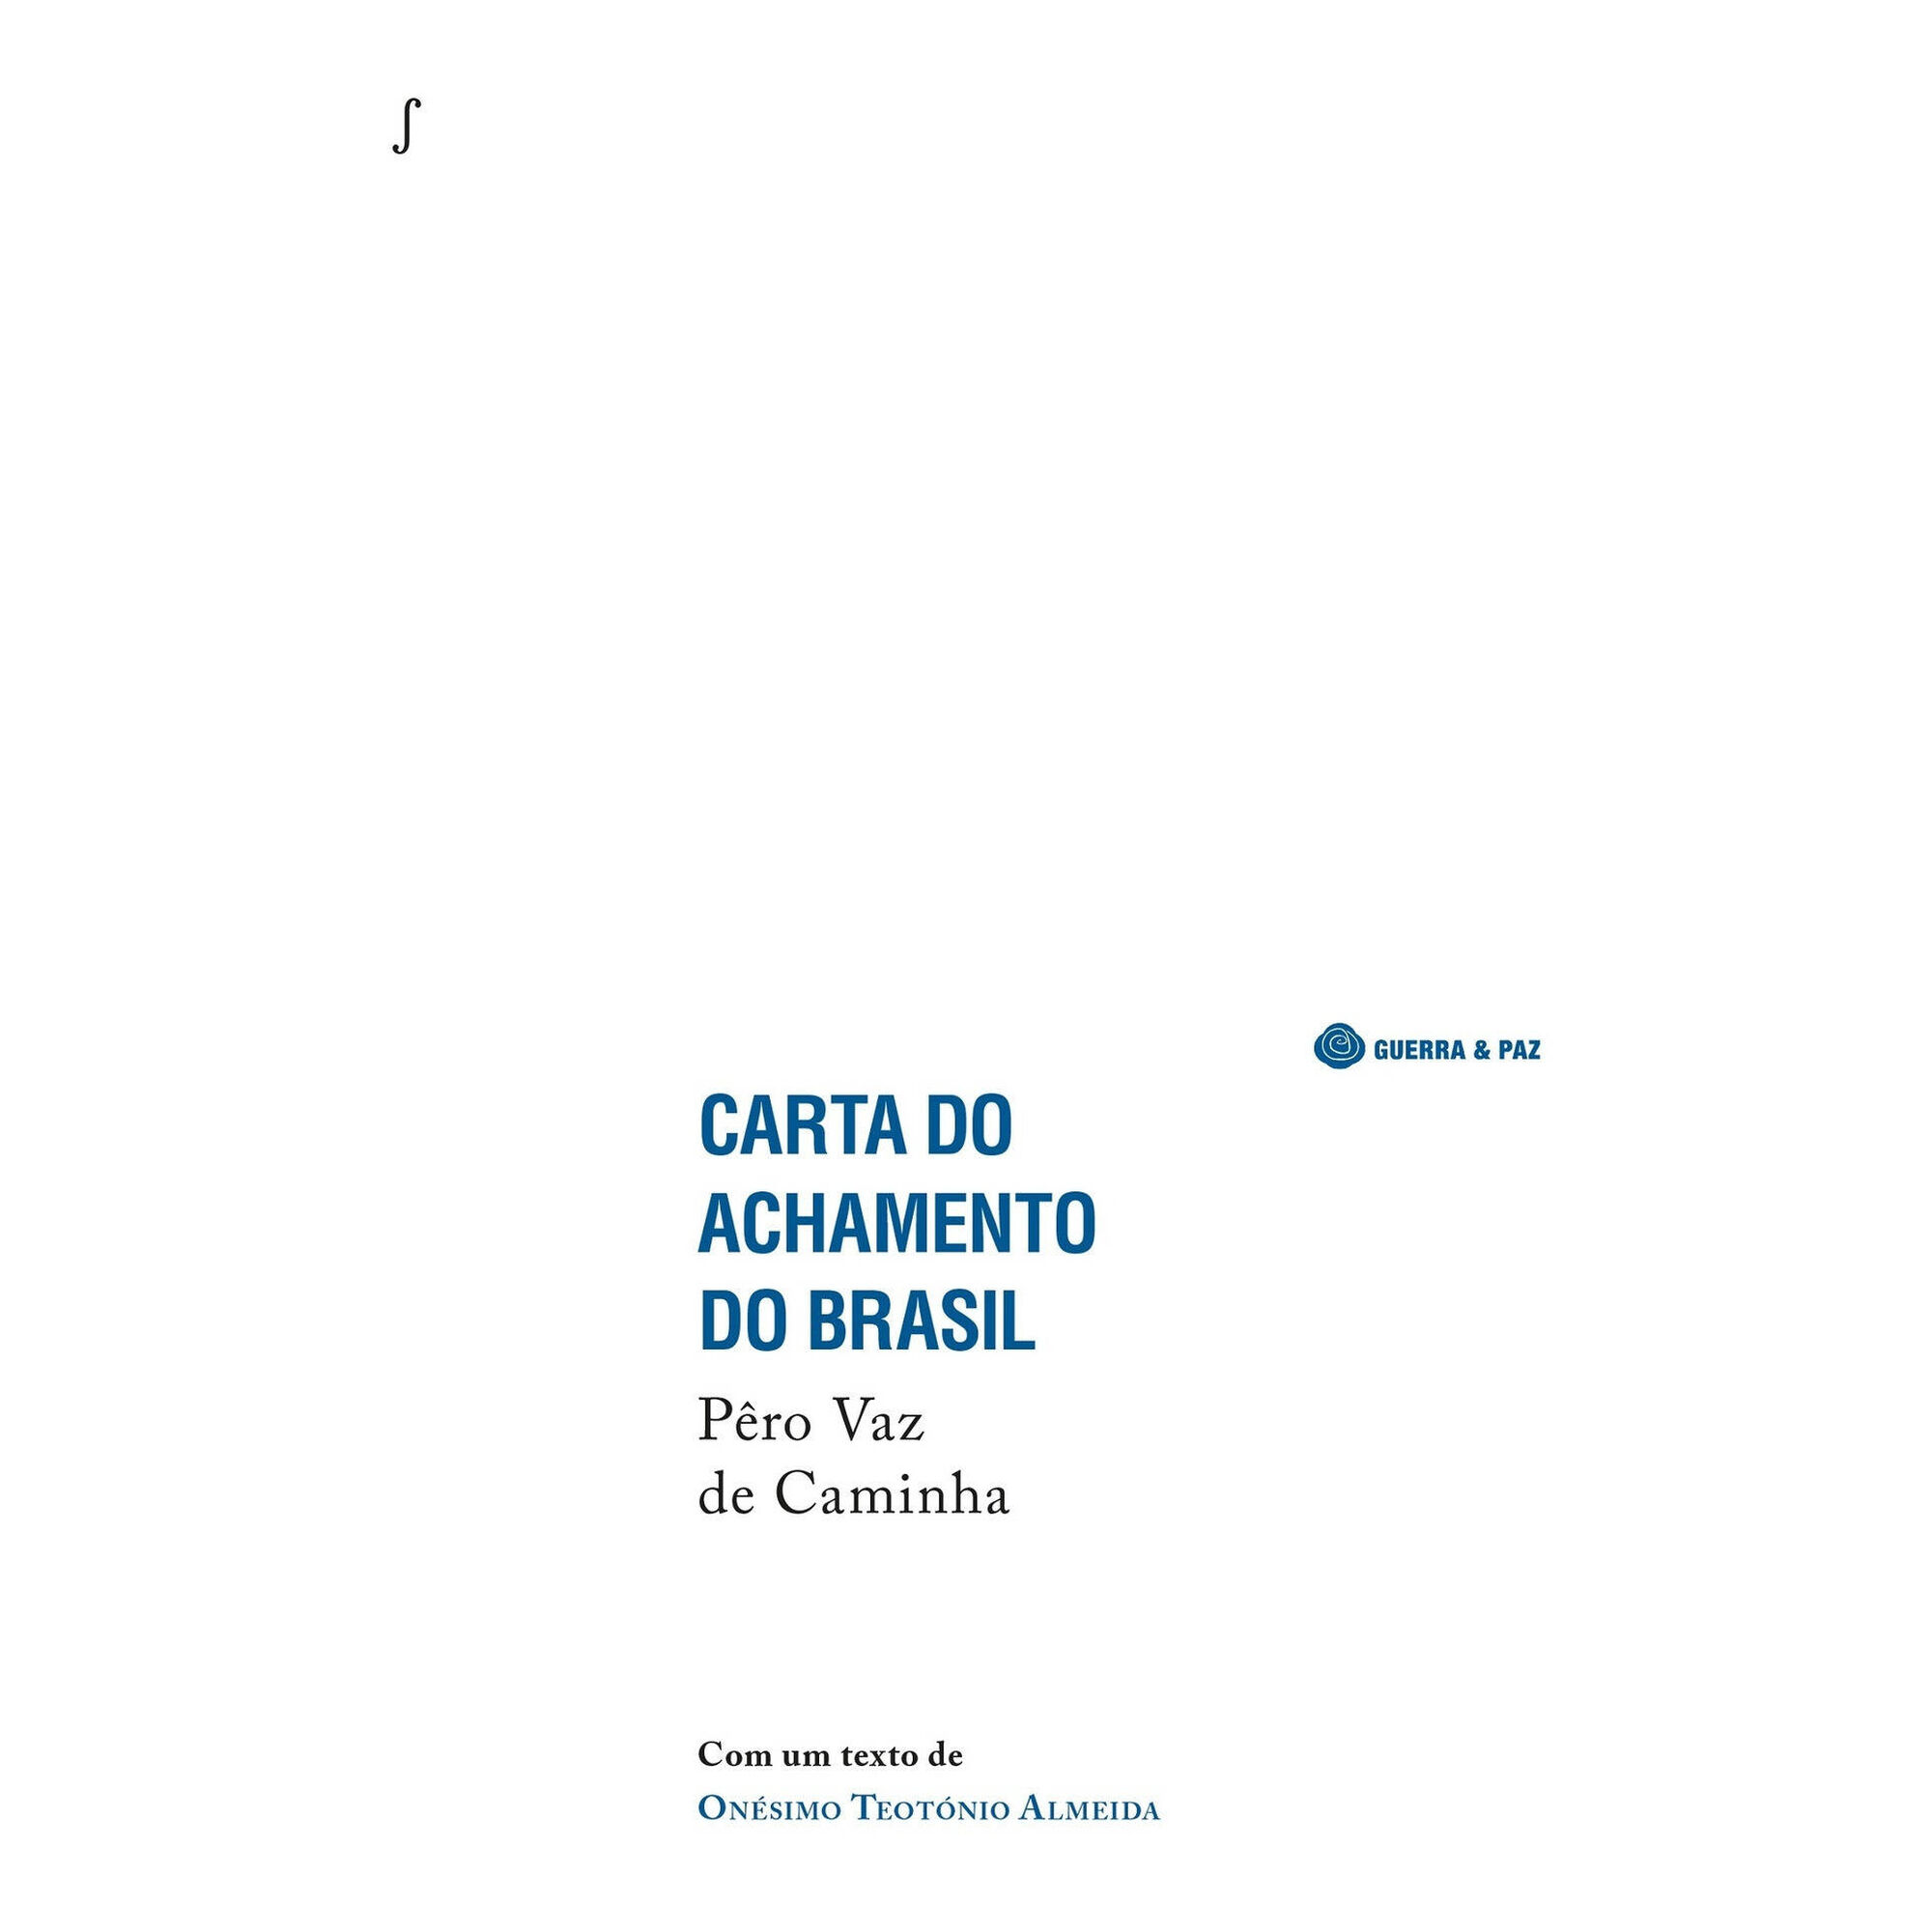 Carta do Achamento do Brasil